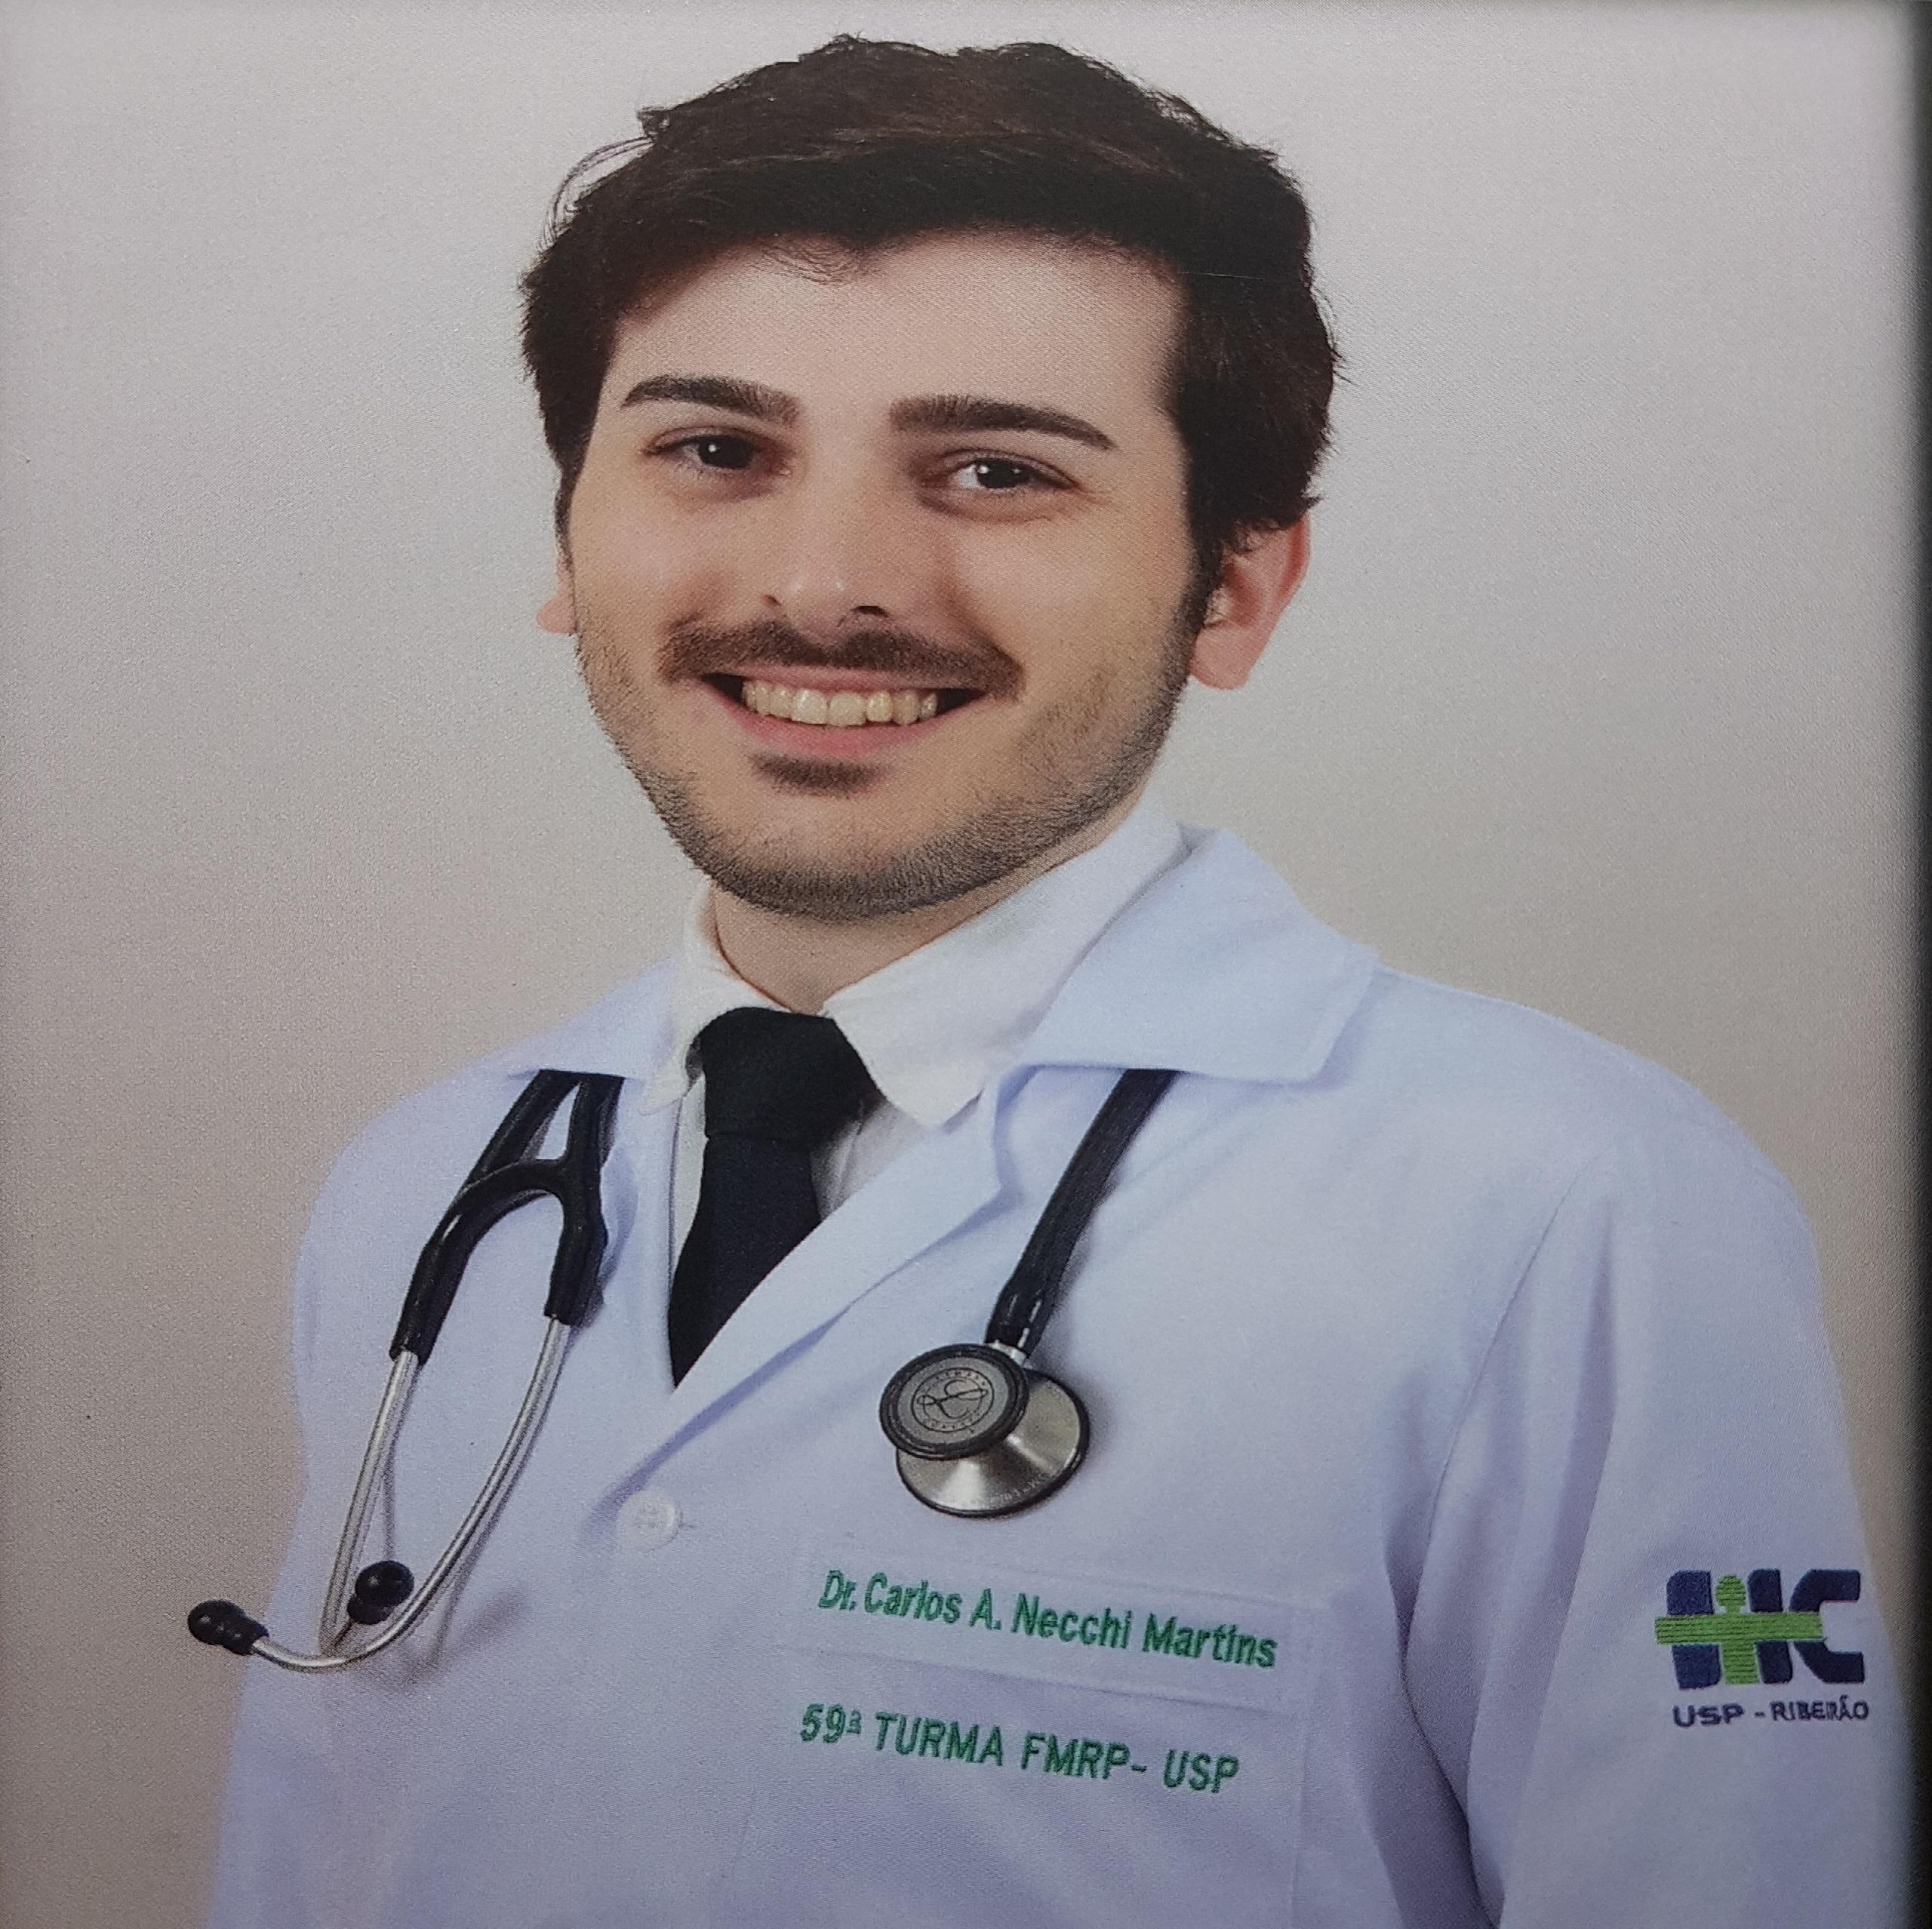 Carlos Alexandre Necchi Martins